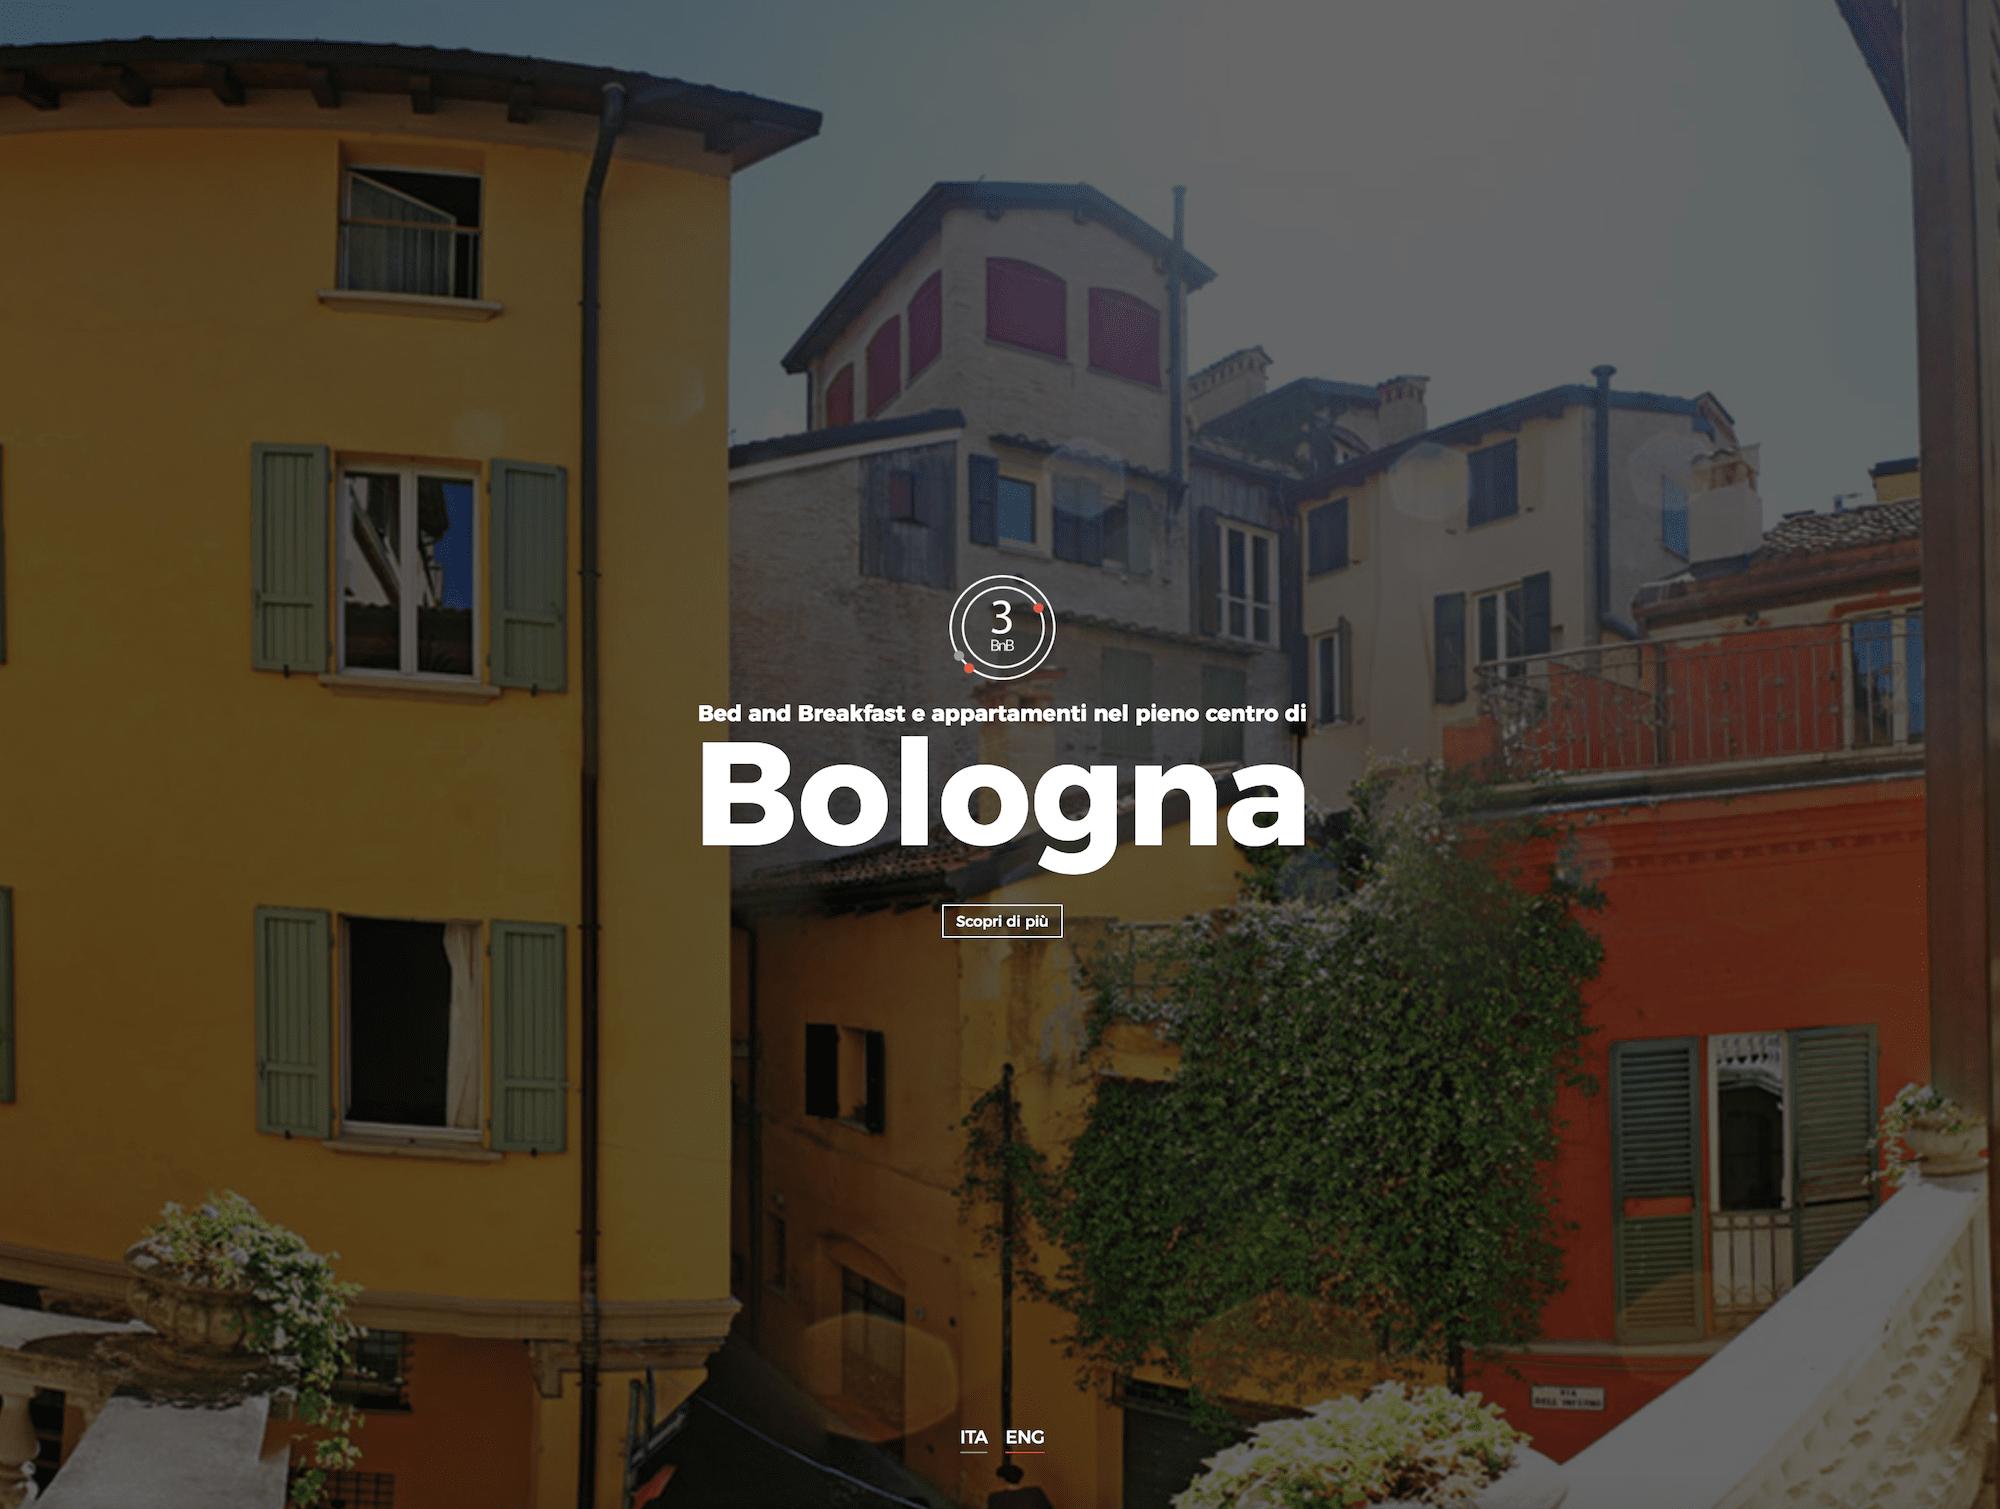 Sito internet del Bed and Breakfast di Bologna 3bnb